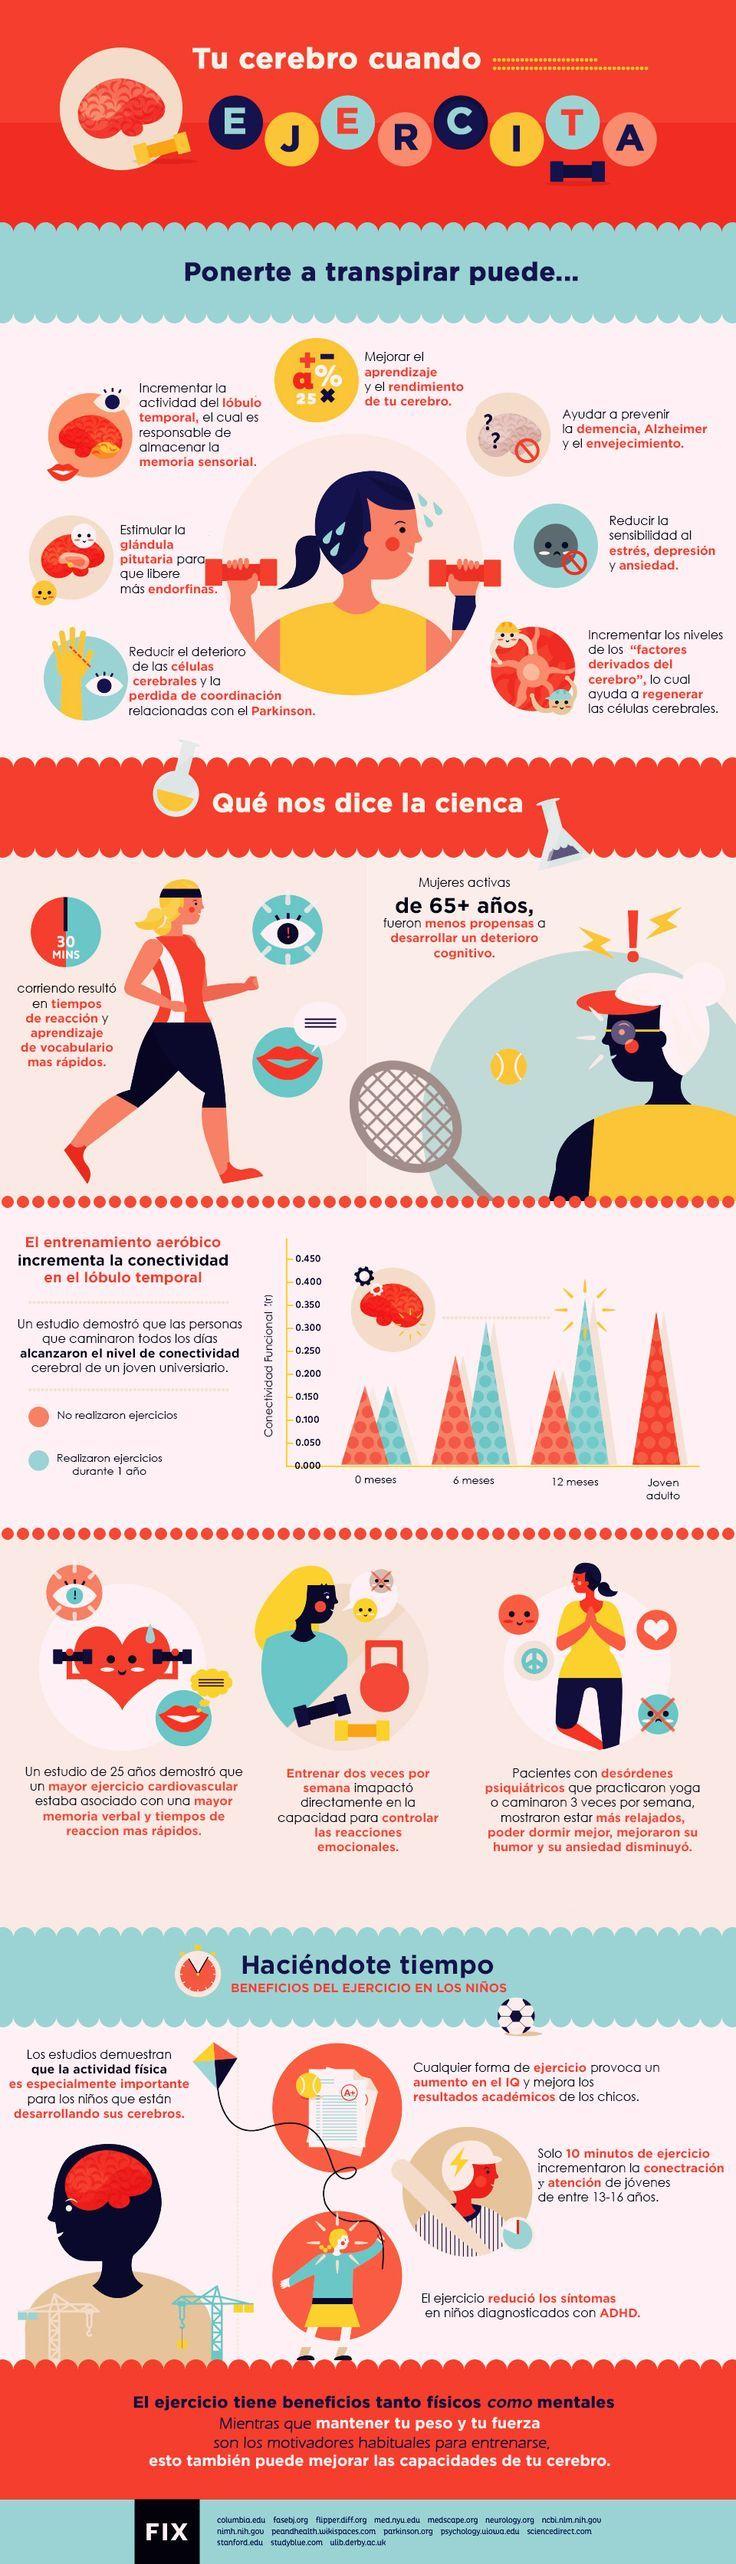 Esto es lo que pasa en tu cerebro cuándo hacer #ejercicio